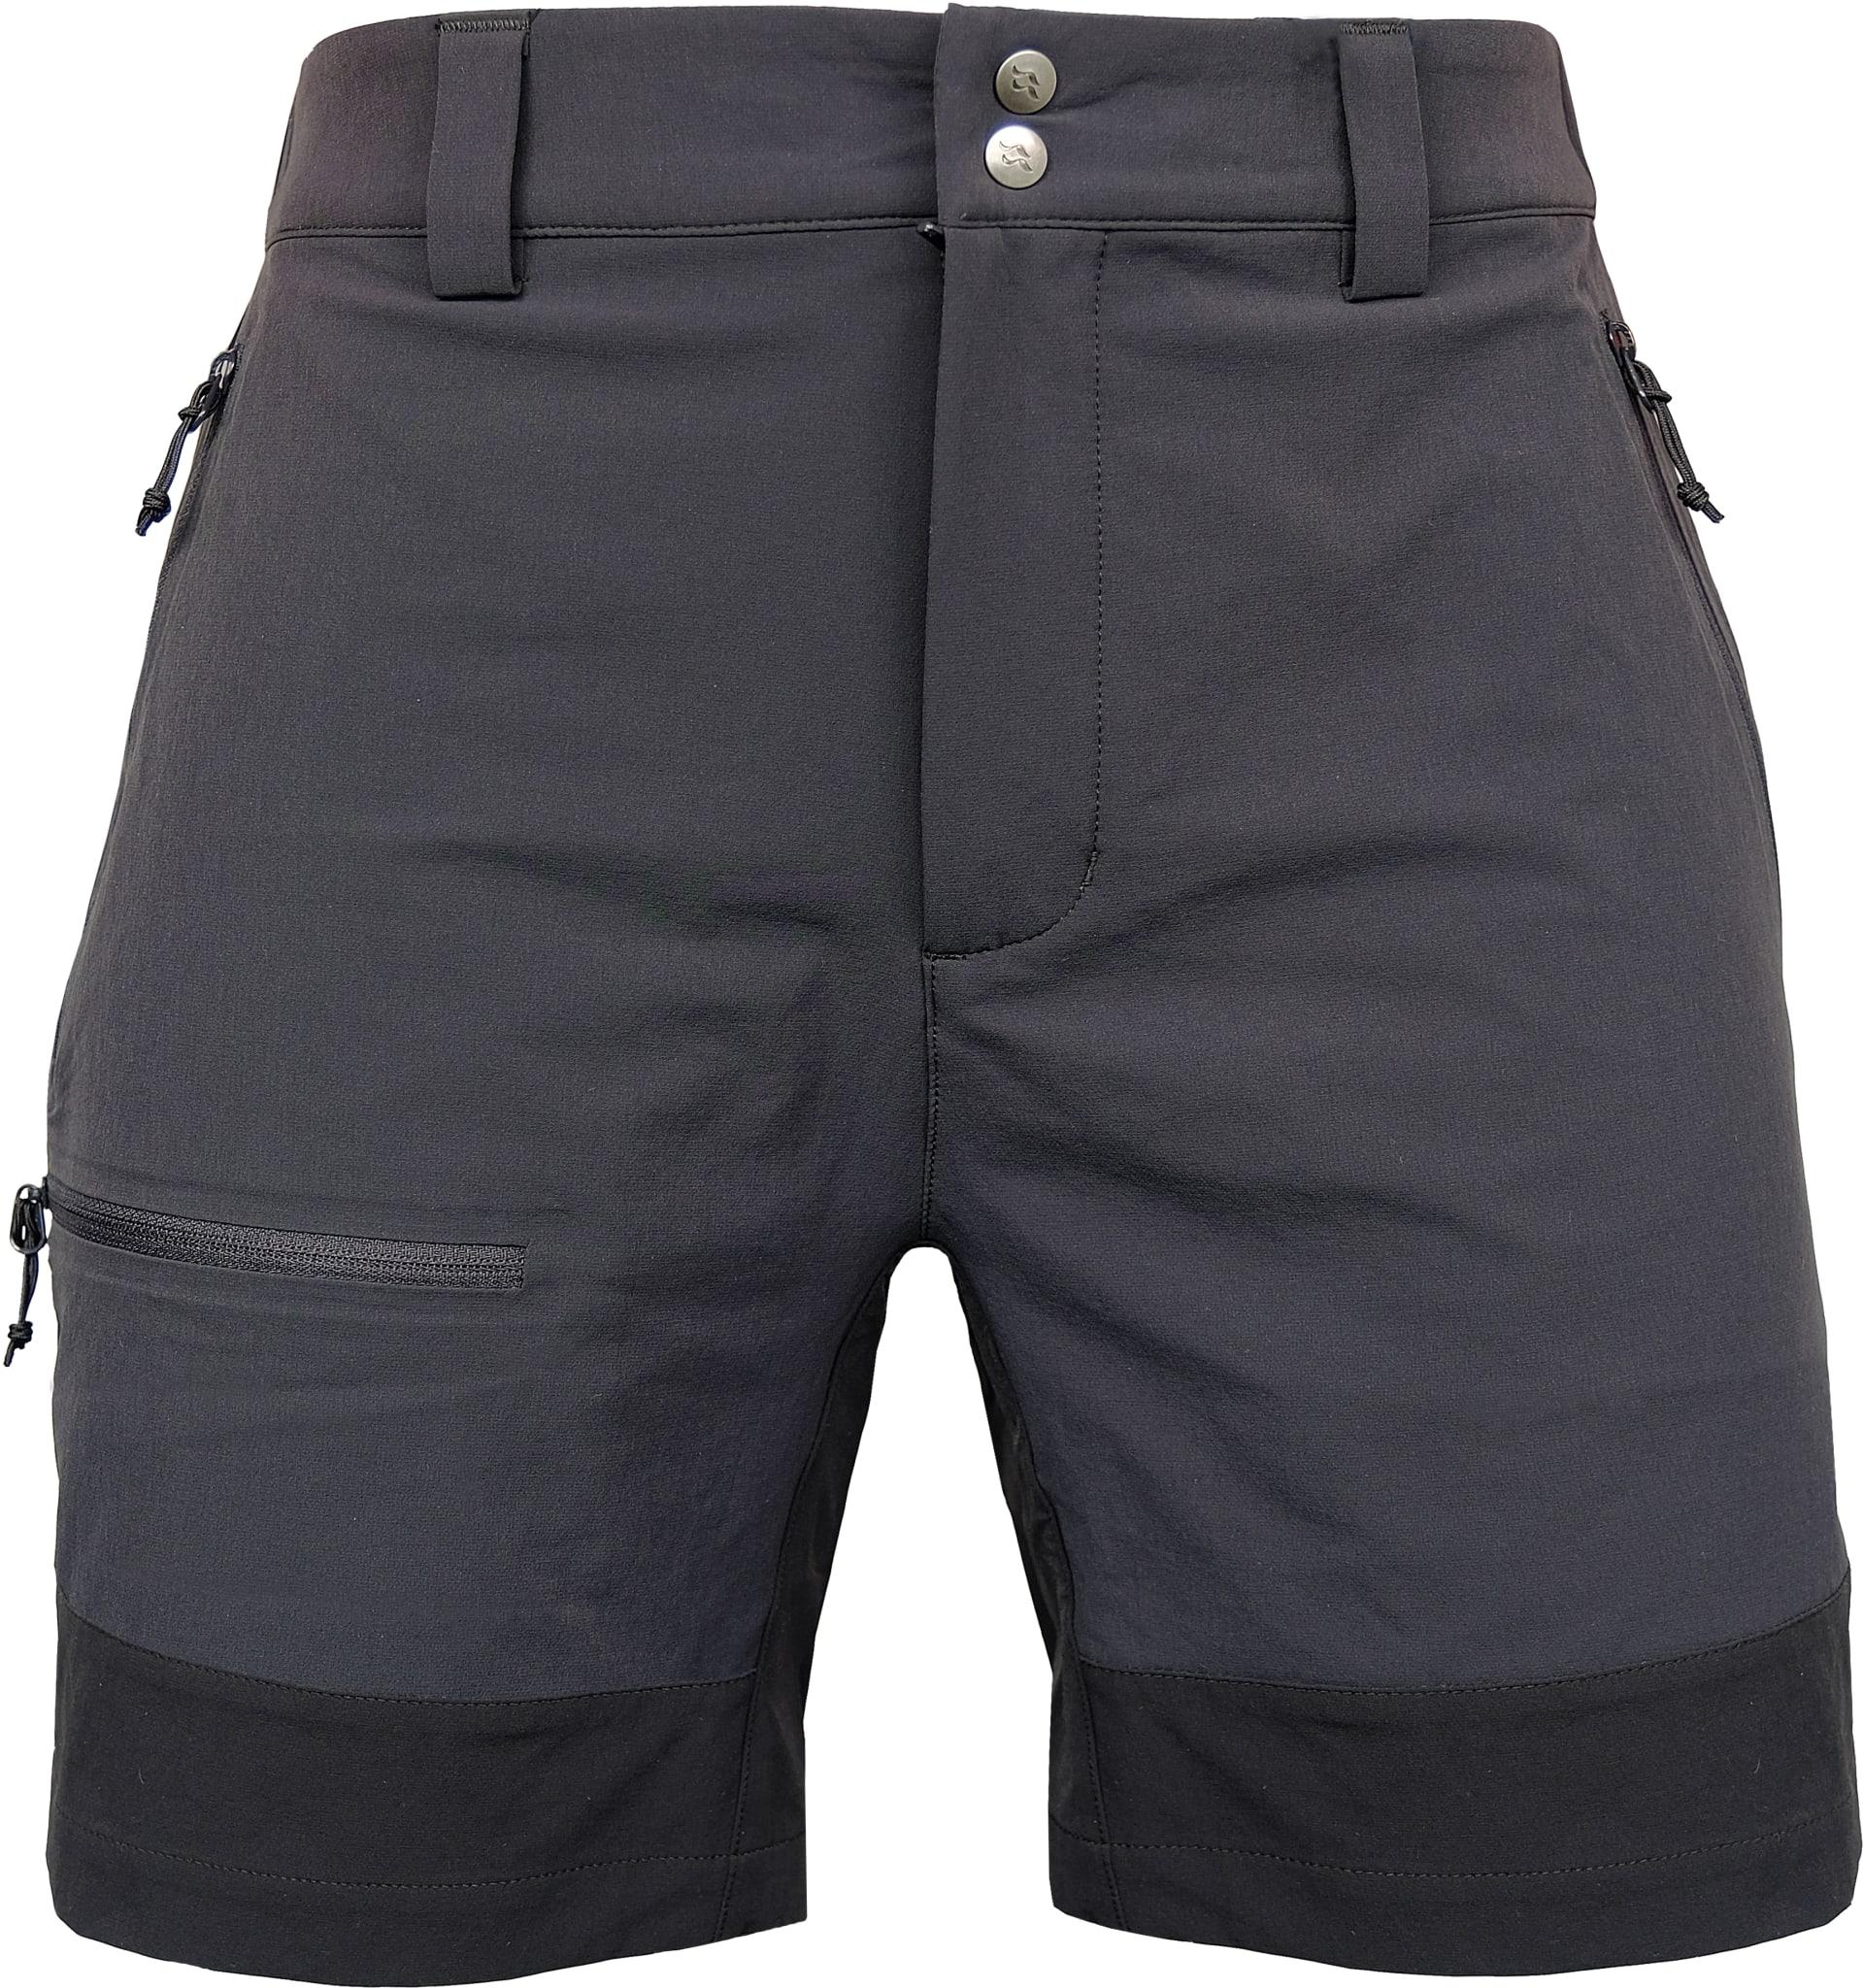 Torque Mountain Shorts Ws